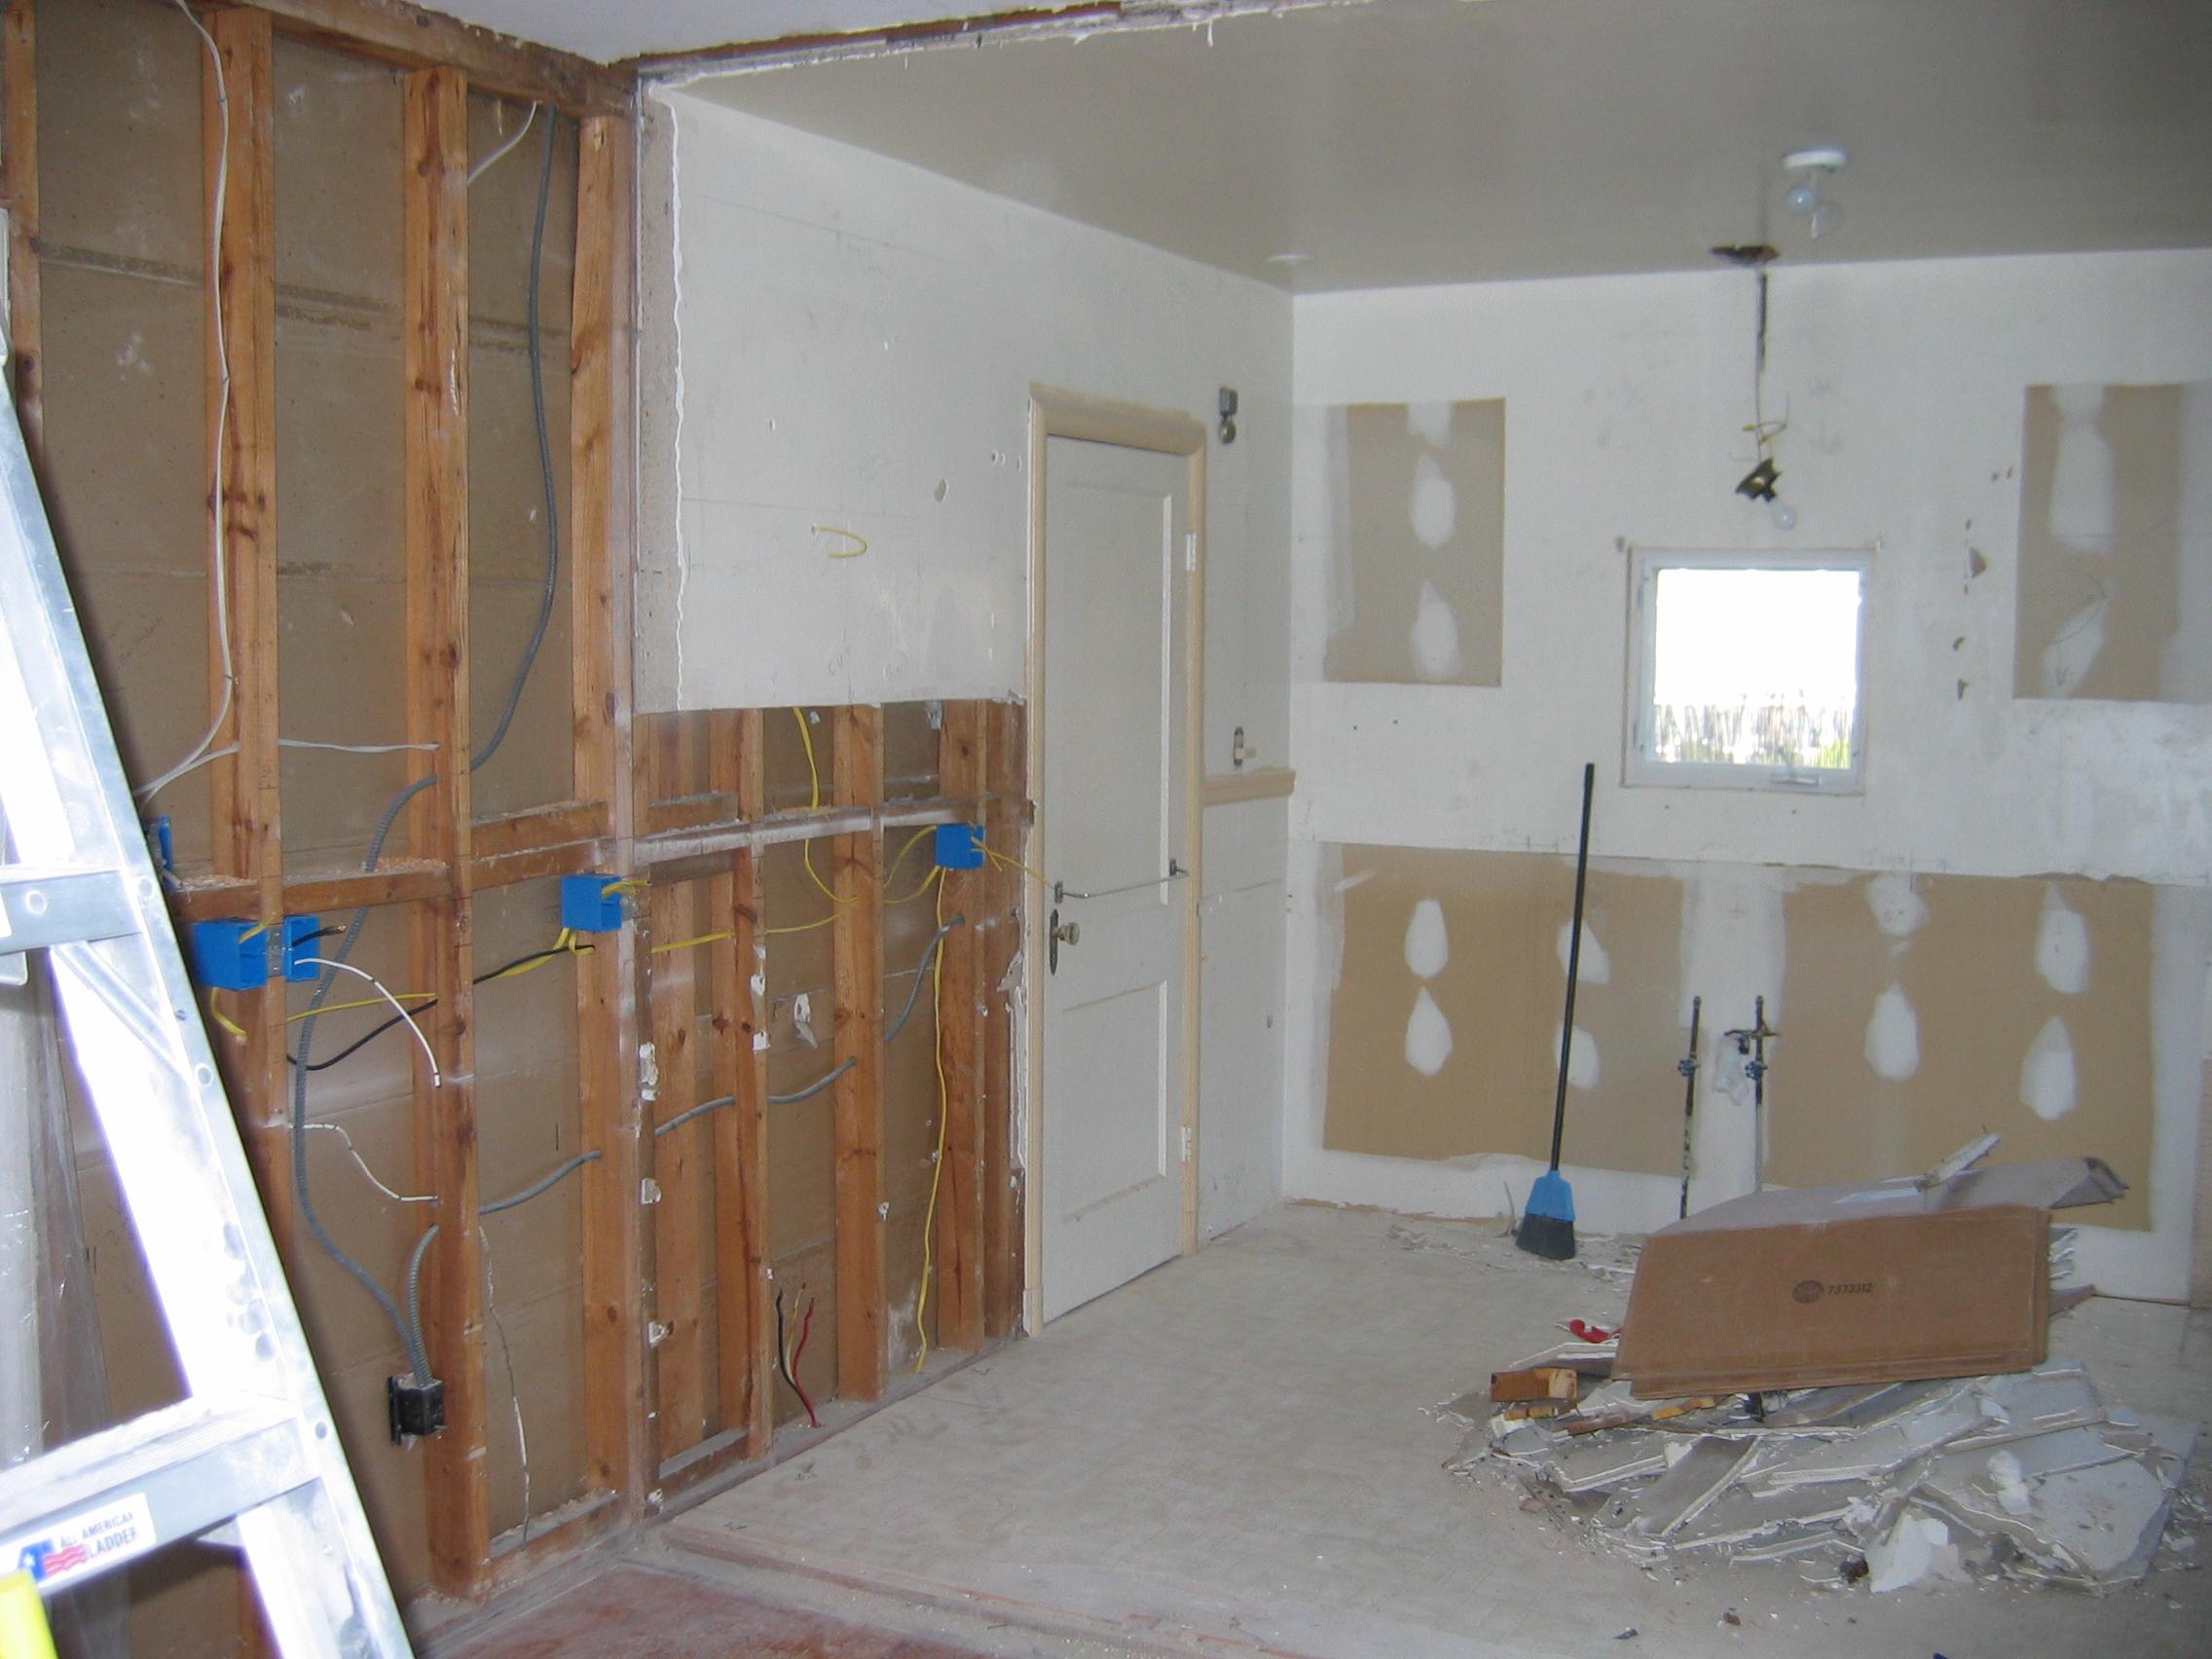 kitchen renovation richmond va kitchen remodel richmond va DURING